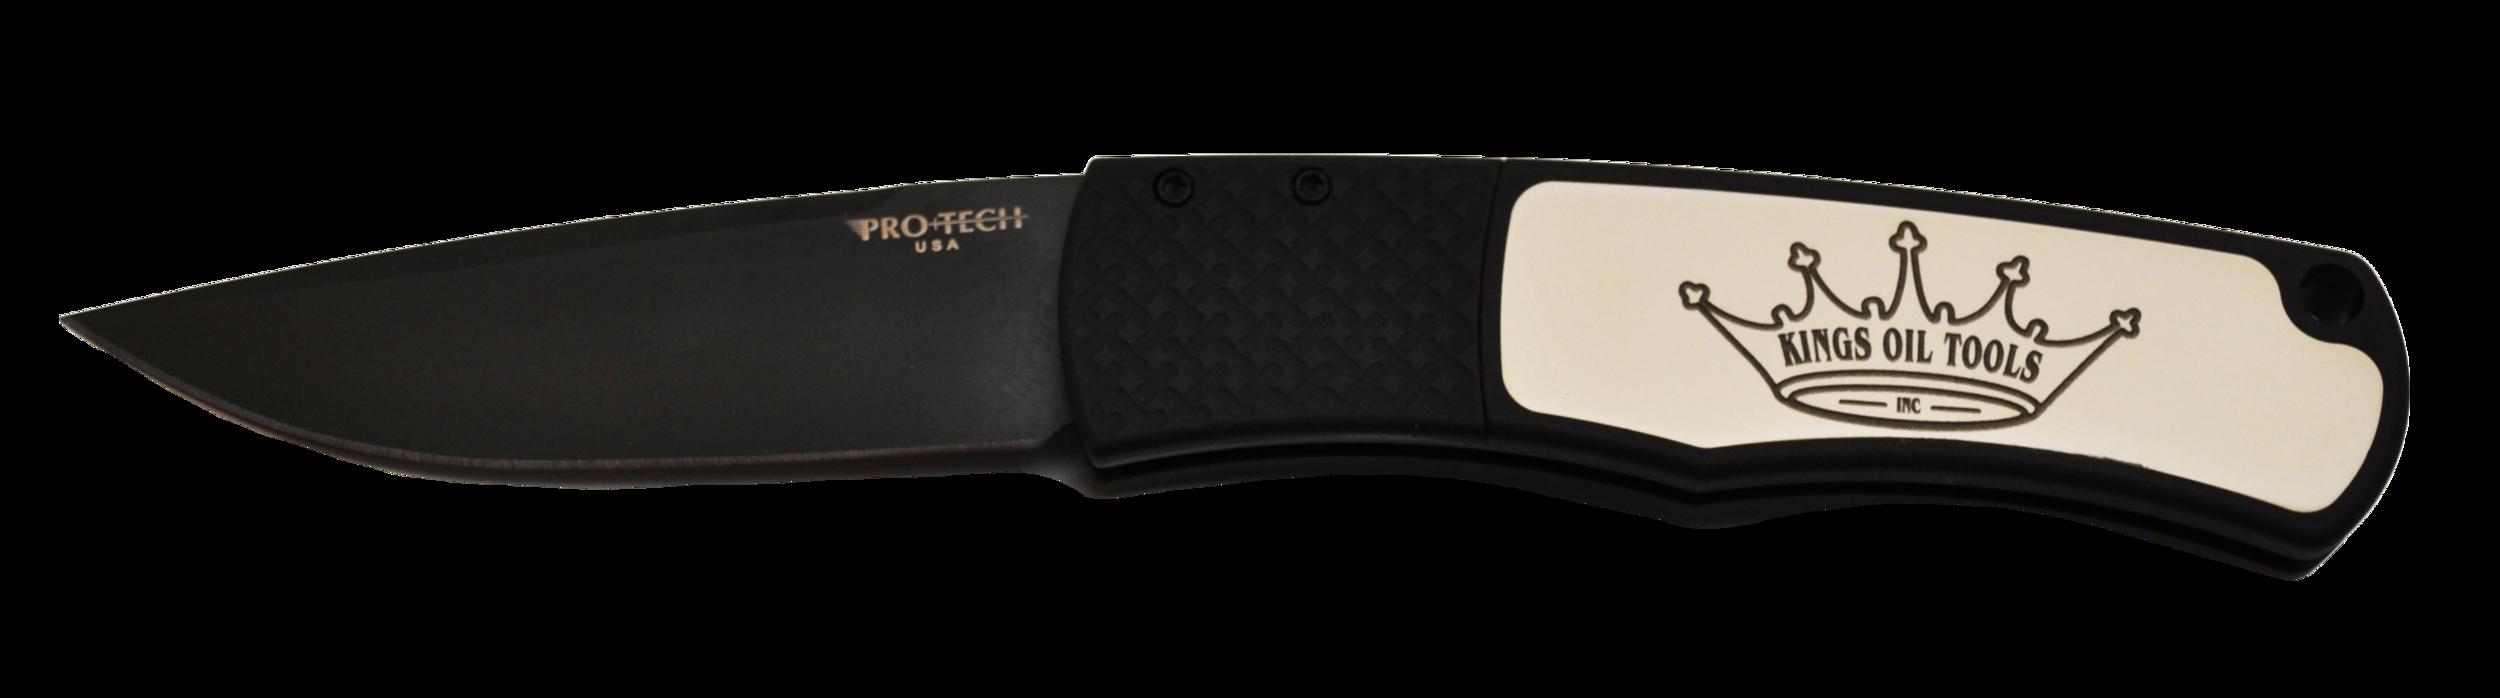 Custom-Knife (2).png